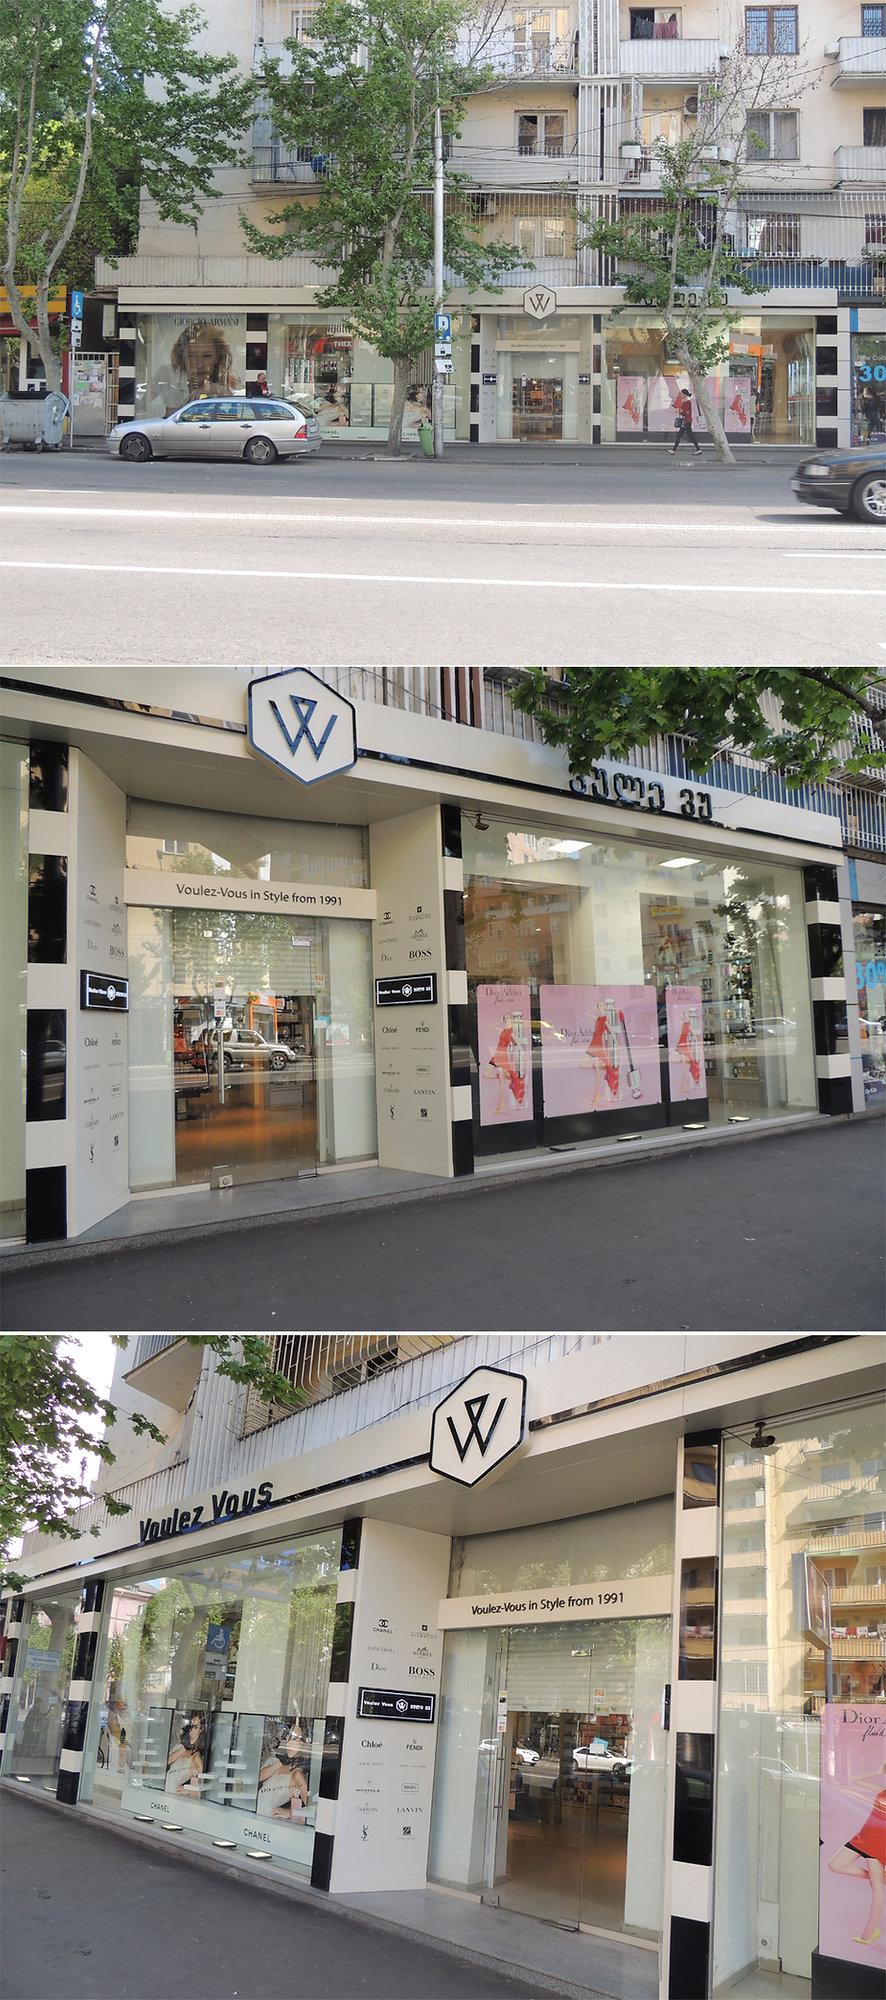 მაღაზიის ფასადის დიზაინი ვულე ვუ